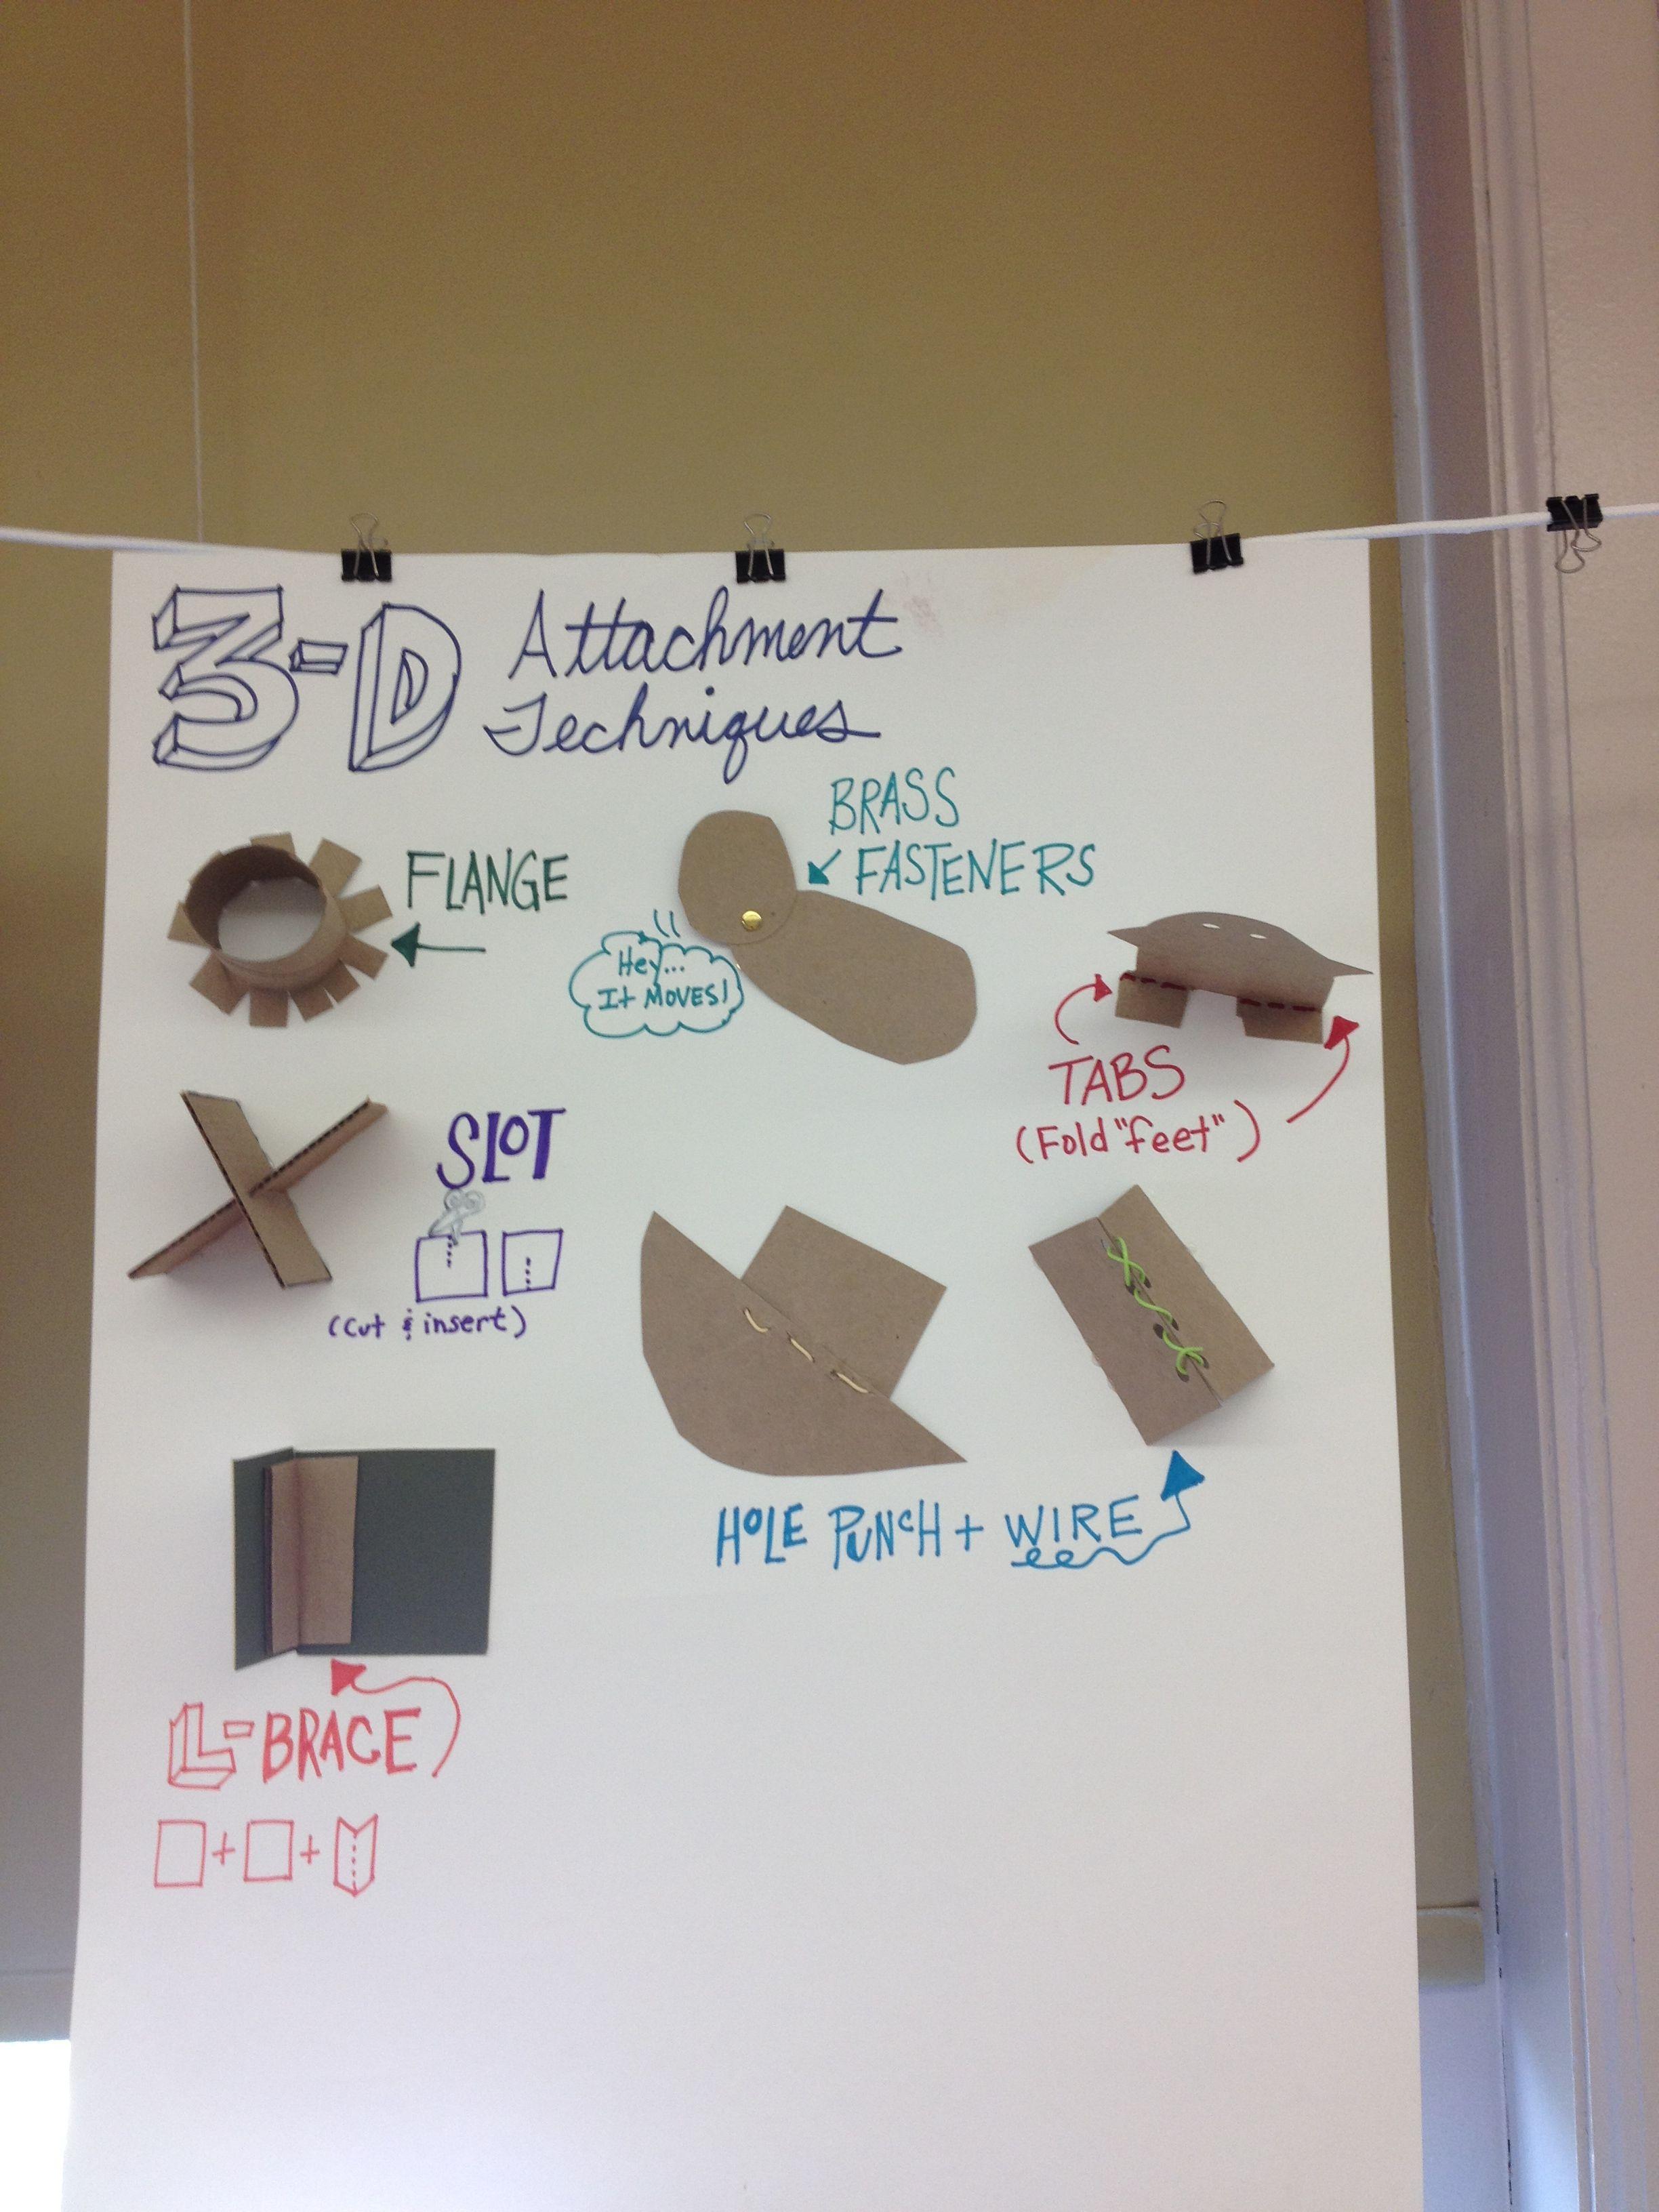 'attachment Menu' Great Diagram Making Cardboard